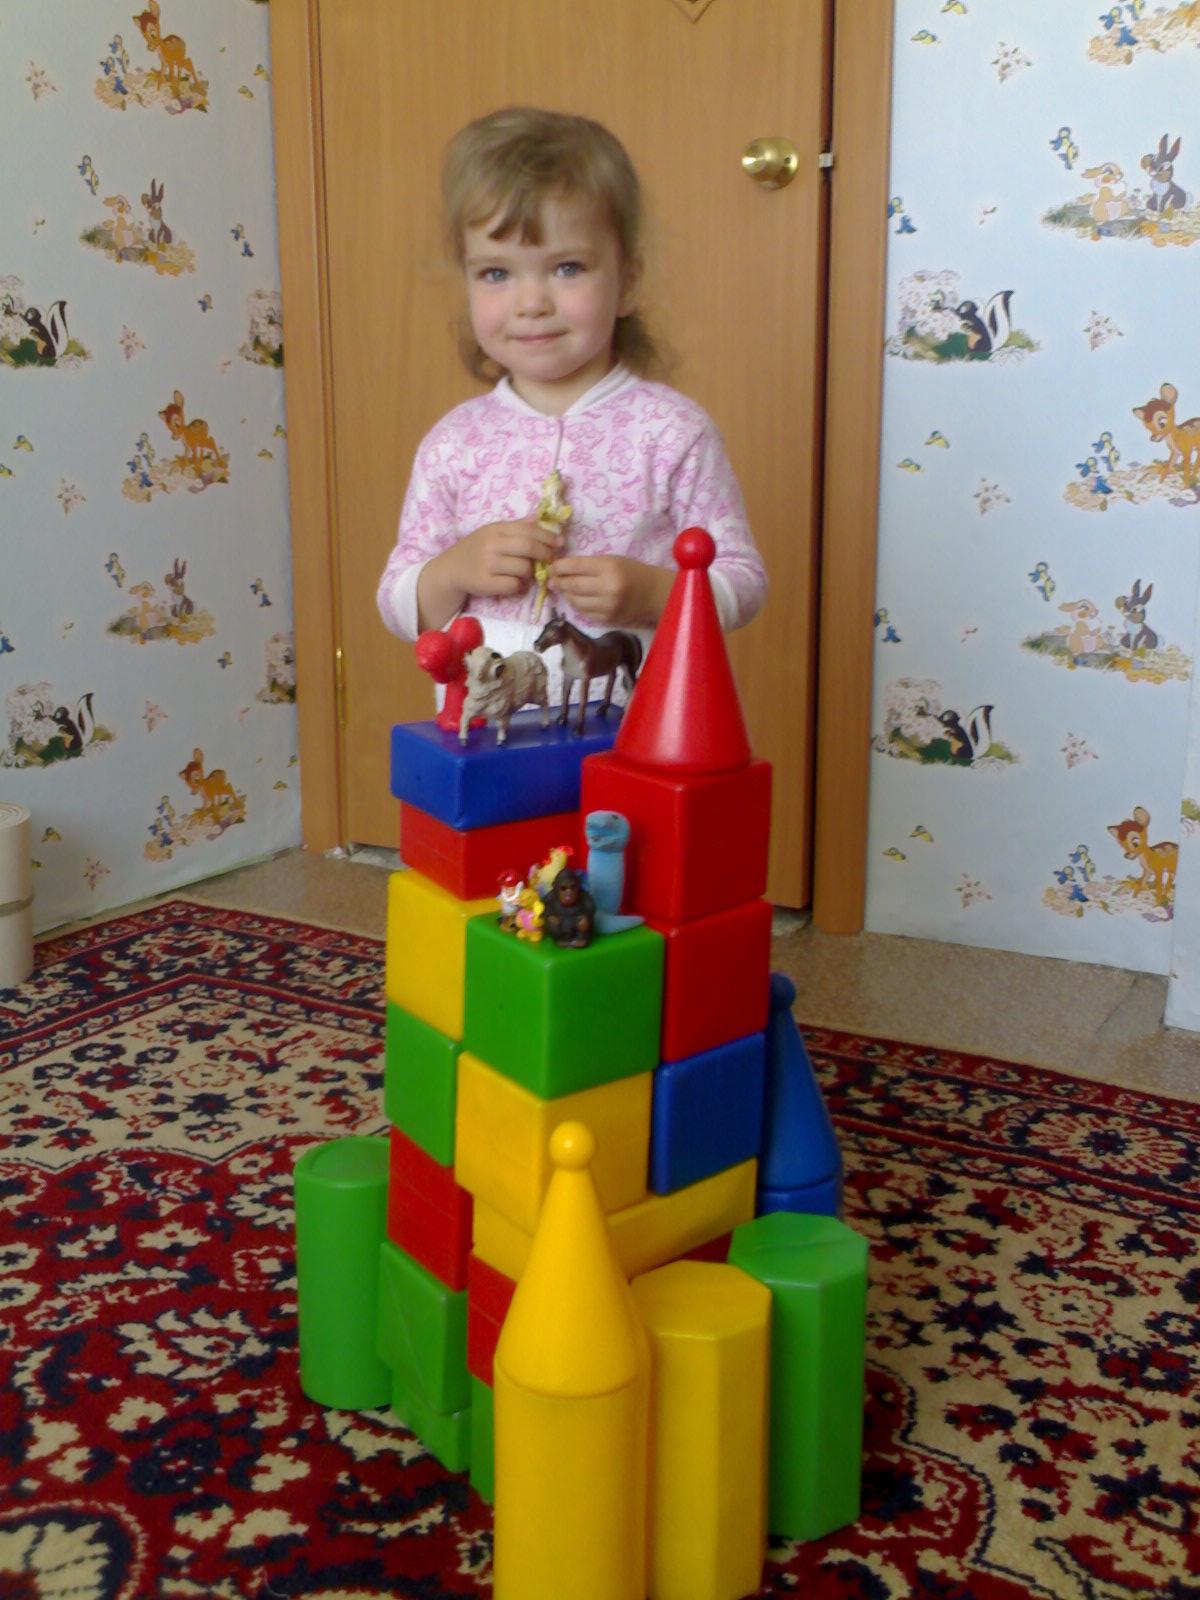 Что нам стоит дом построить!. Я б в строители пошел